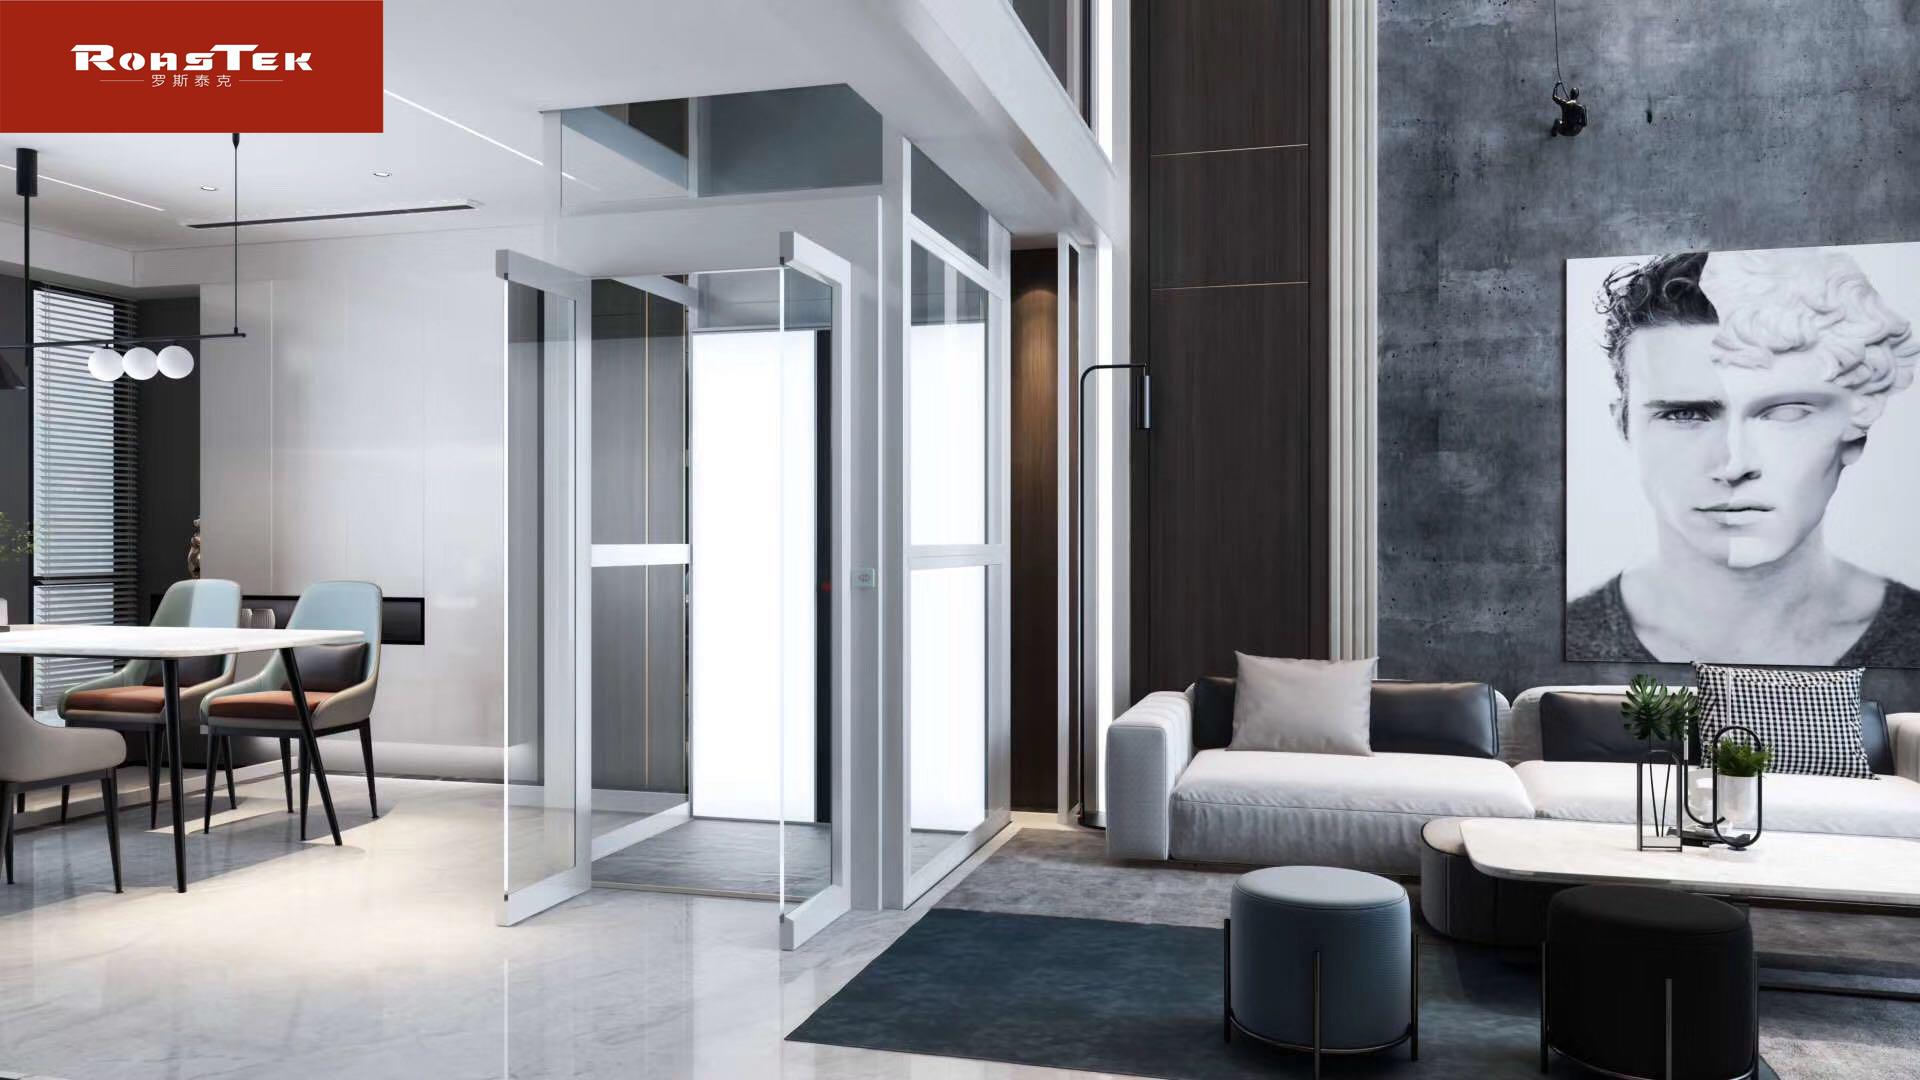 进口电梯价格高性价比  德国Roastek罗斯泰克别墅电梯